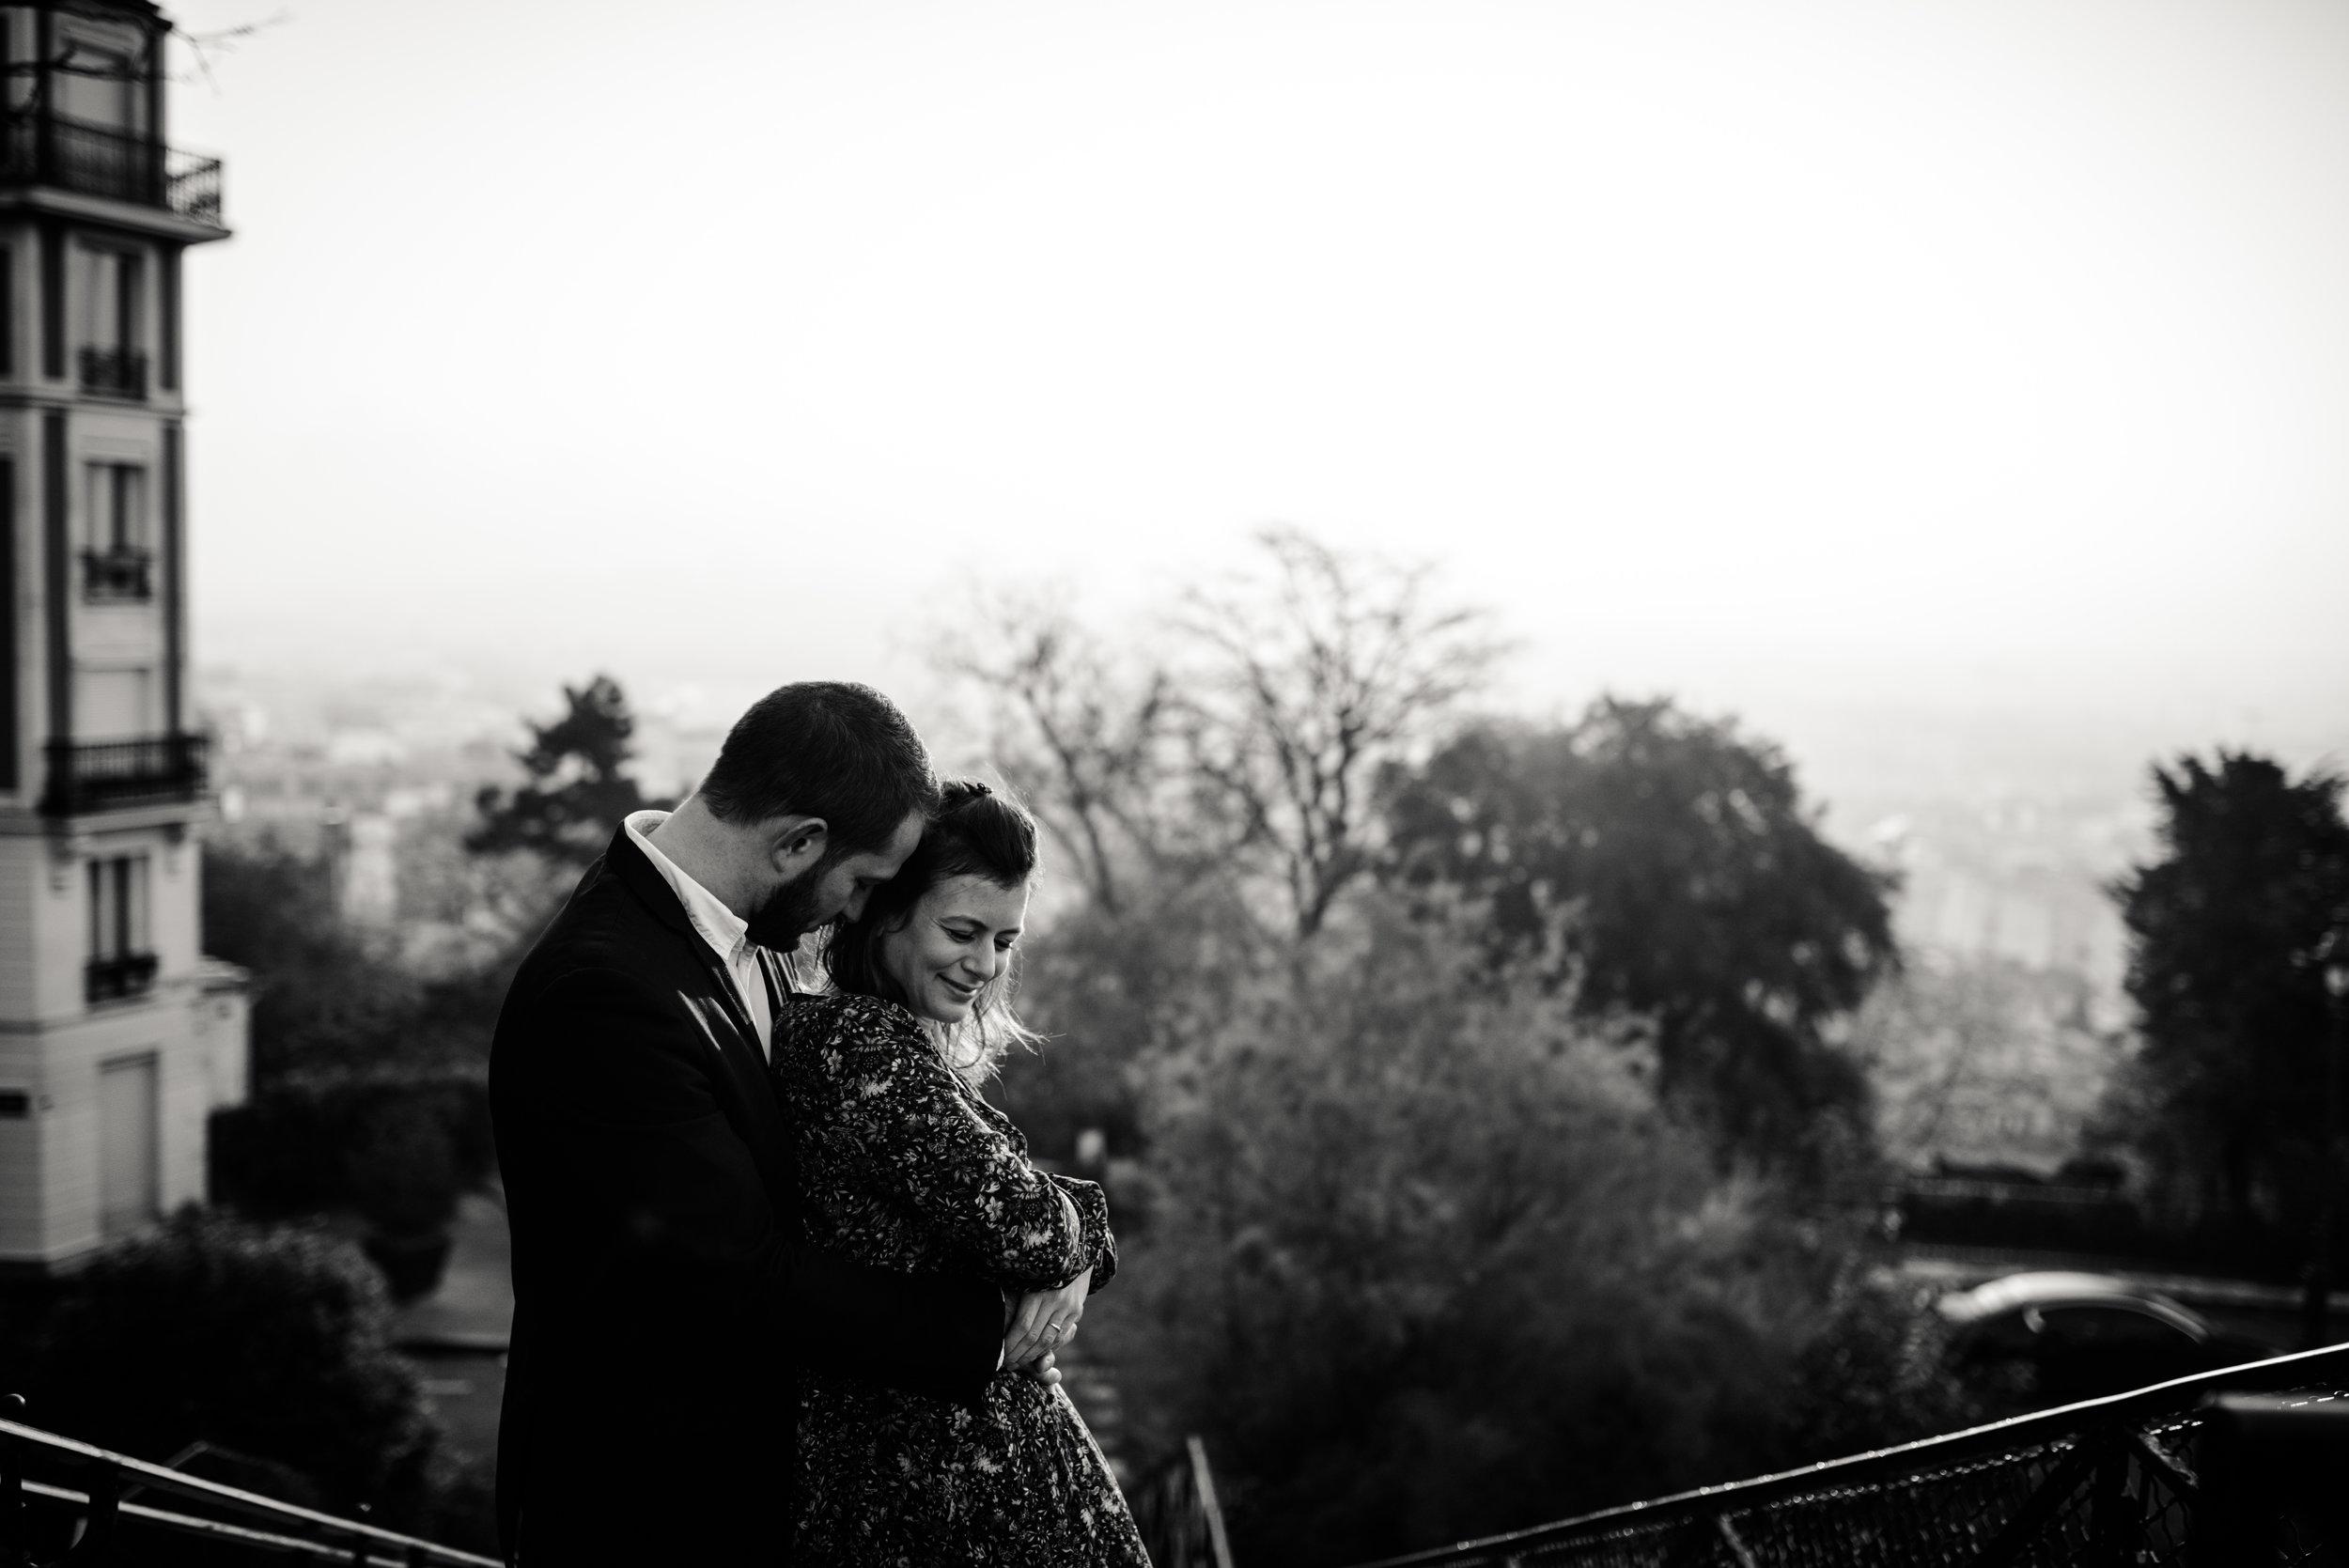 Léa-Fery-photographe-professionnel-lyon-rhone-alpes-portrait-creation-mariage-evenement-evenementiel-famille-5177.jpg